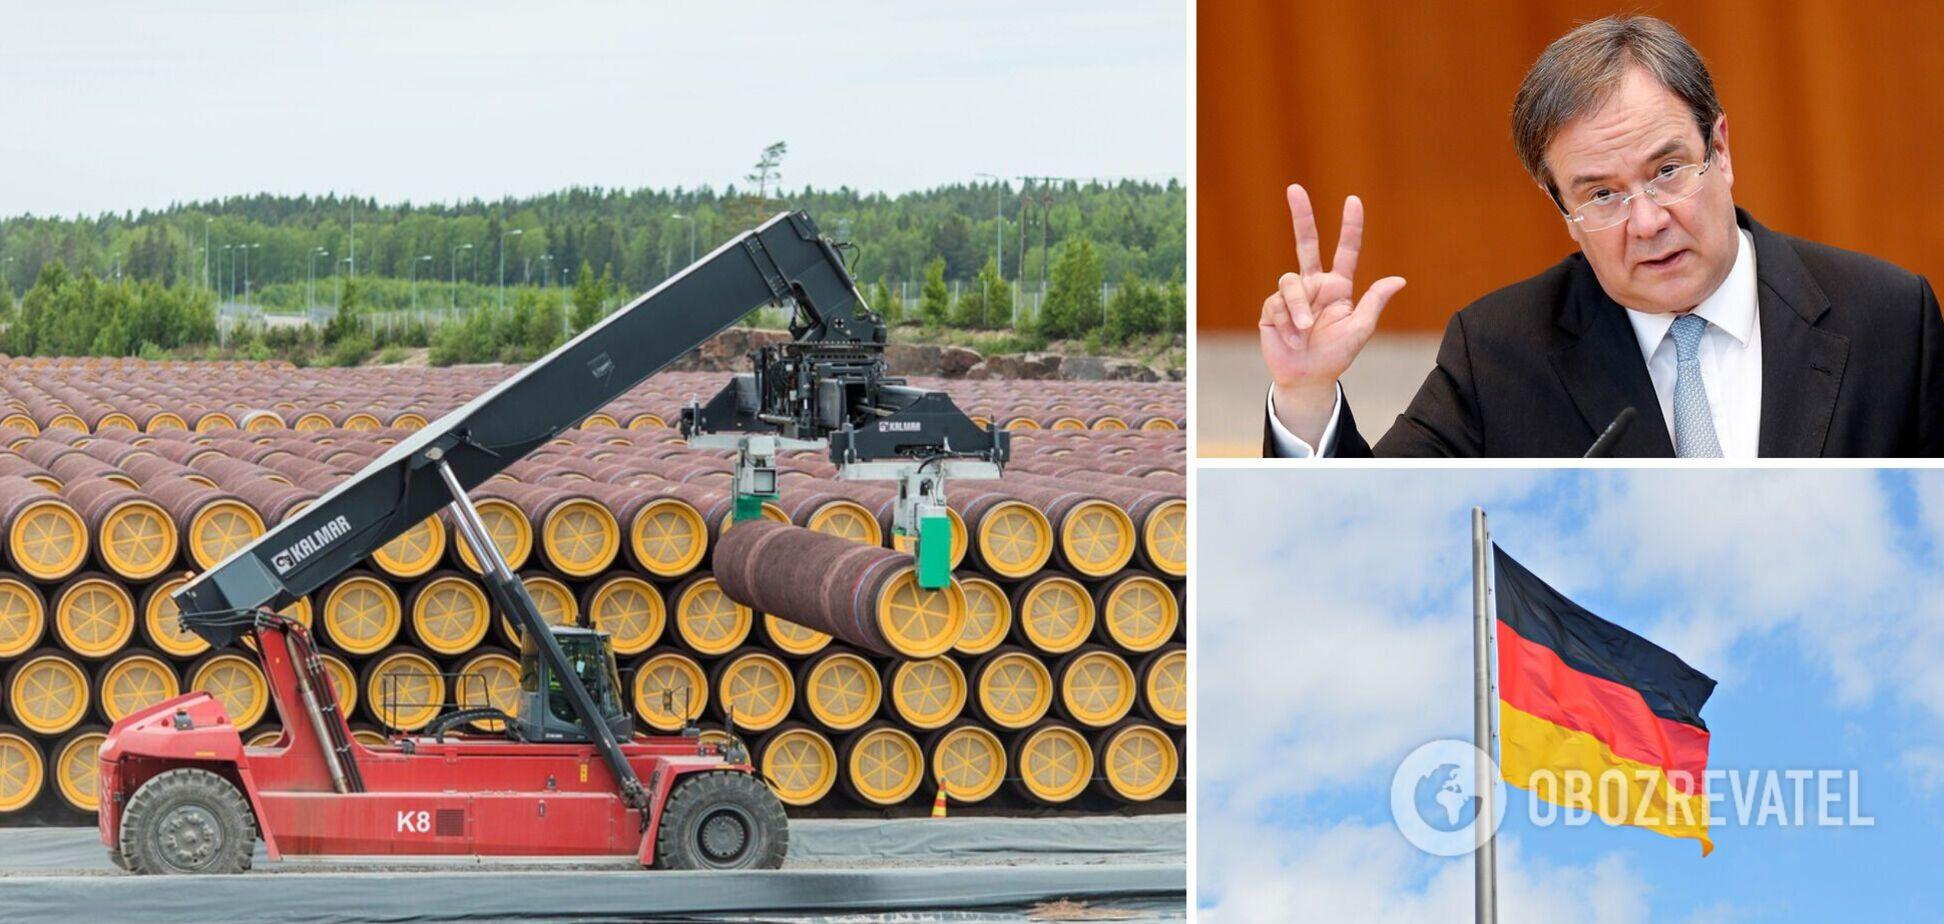 Лашет заявил, что 'Северный поток-2' остановят, если пострадает Украина